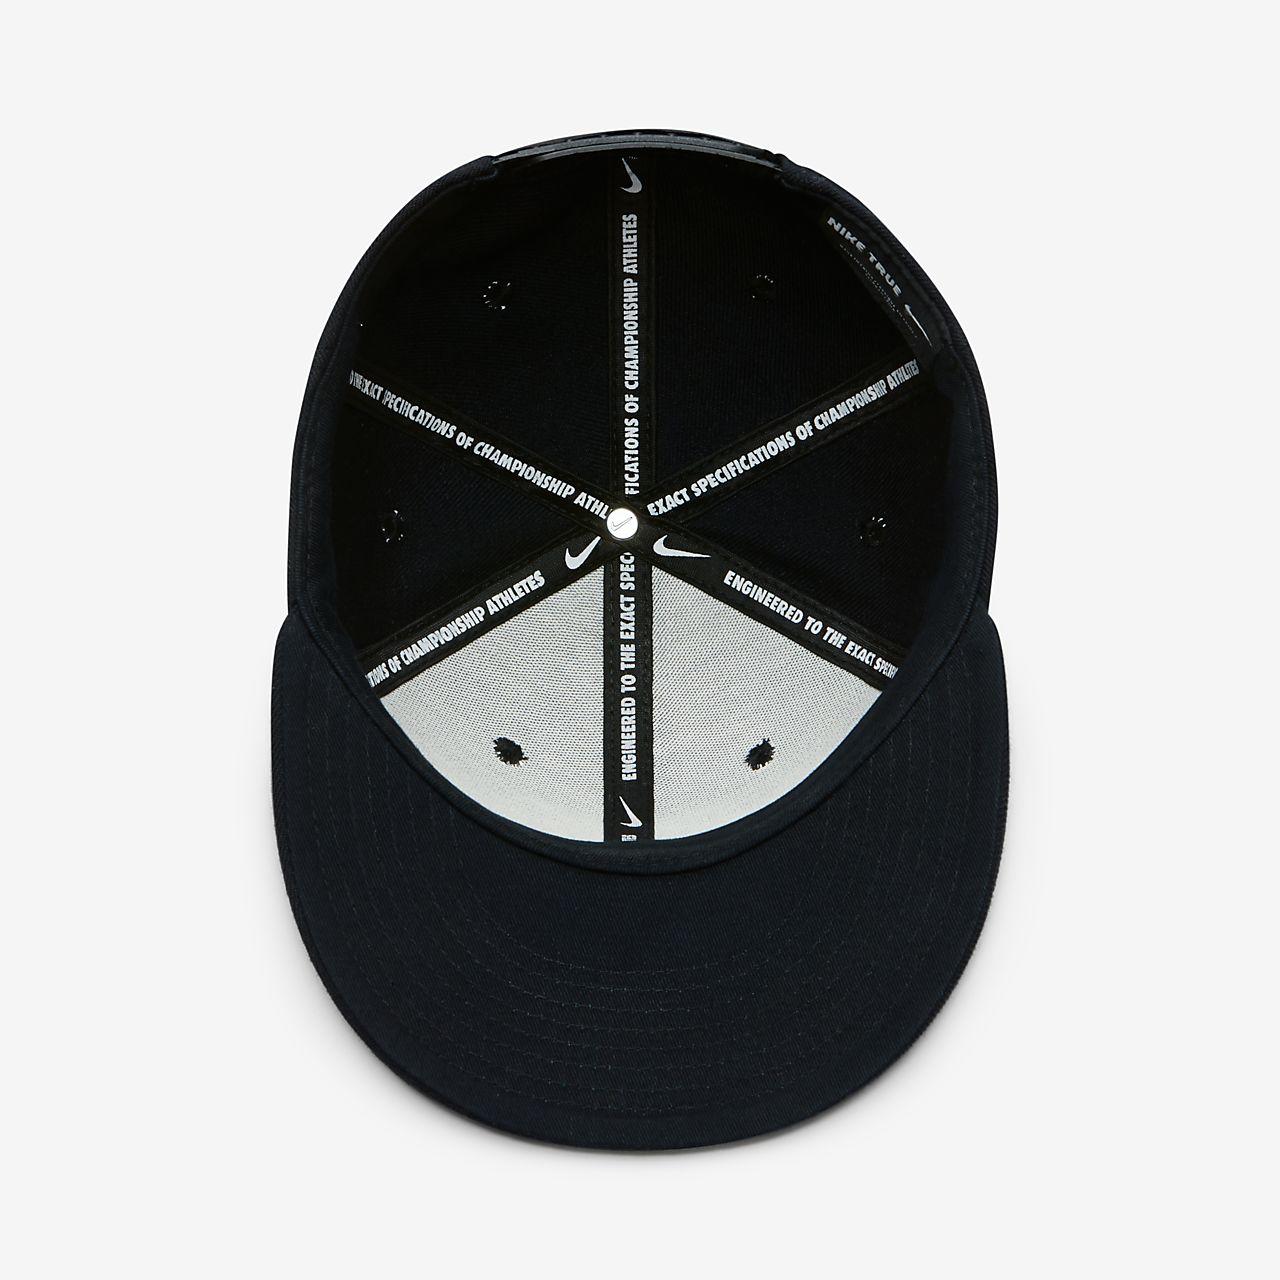 Acquista cappello nike as roma - OFF62% sconti 64579183d9a3